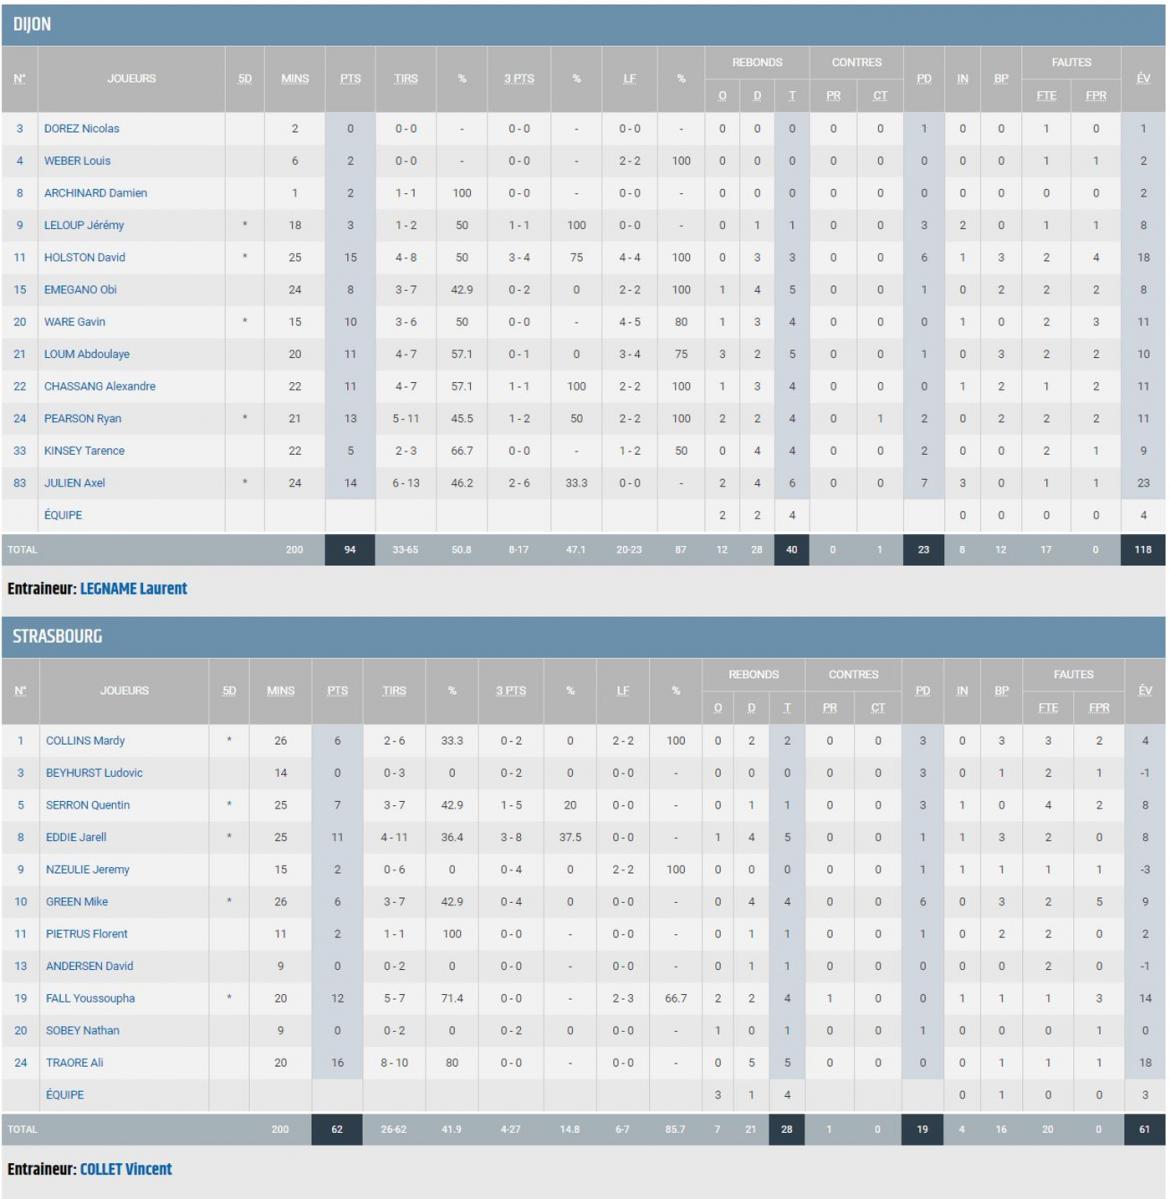 stats_dijon_playoffs.png